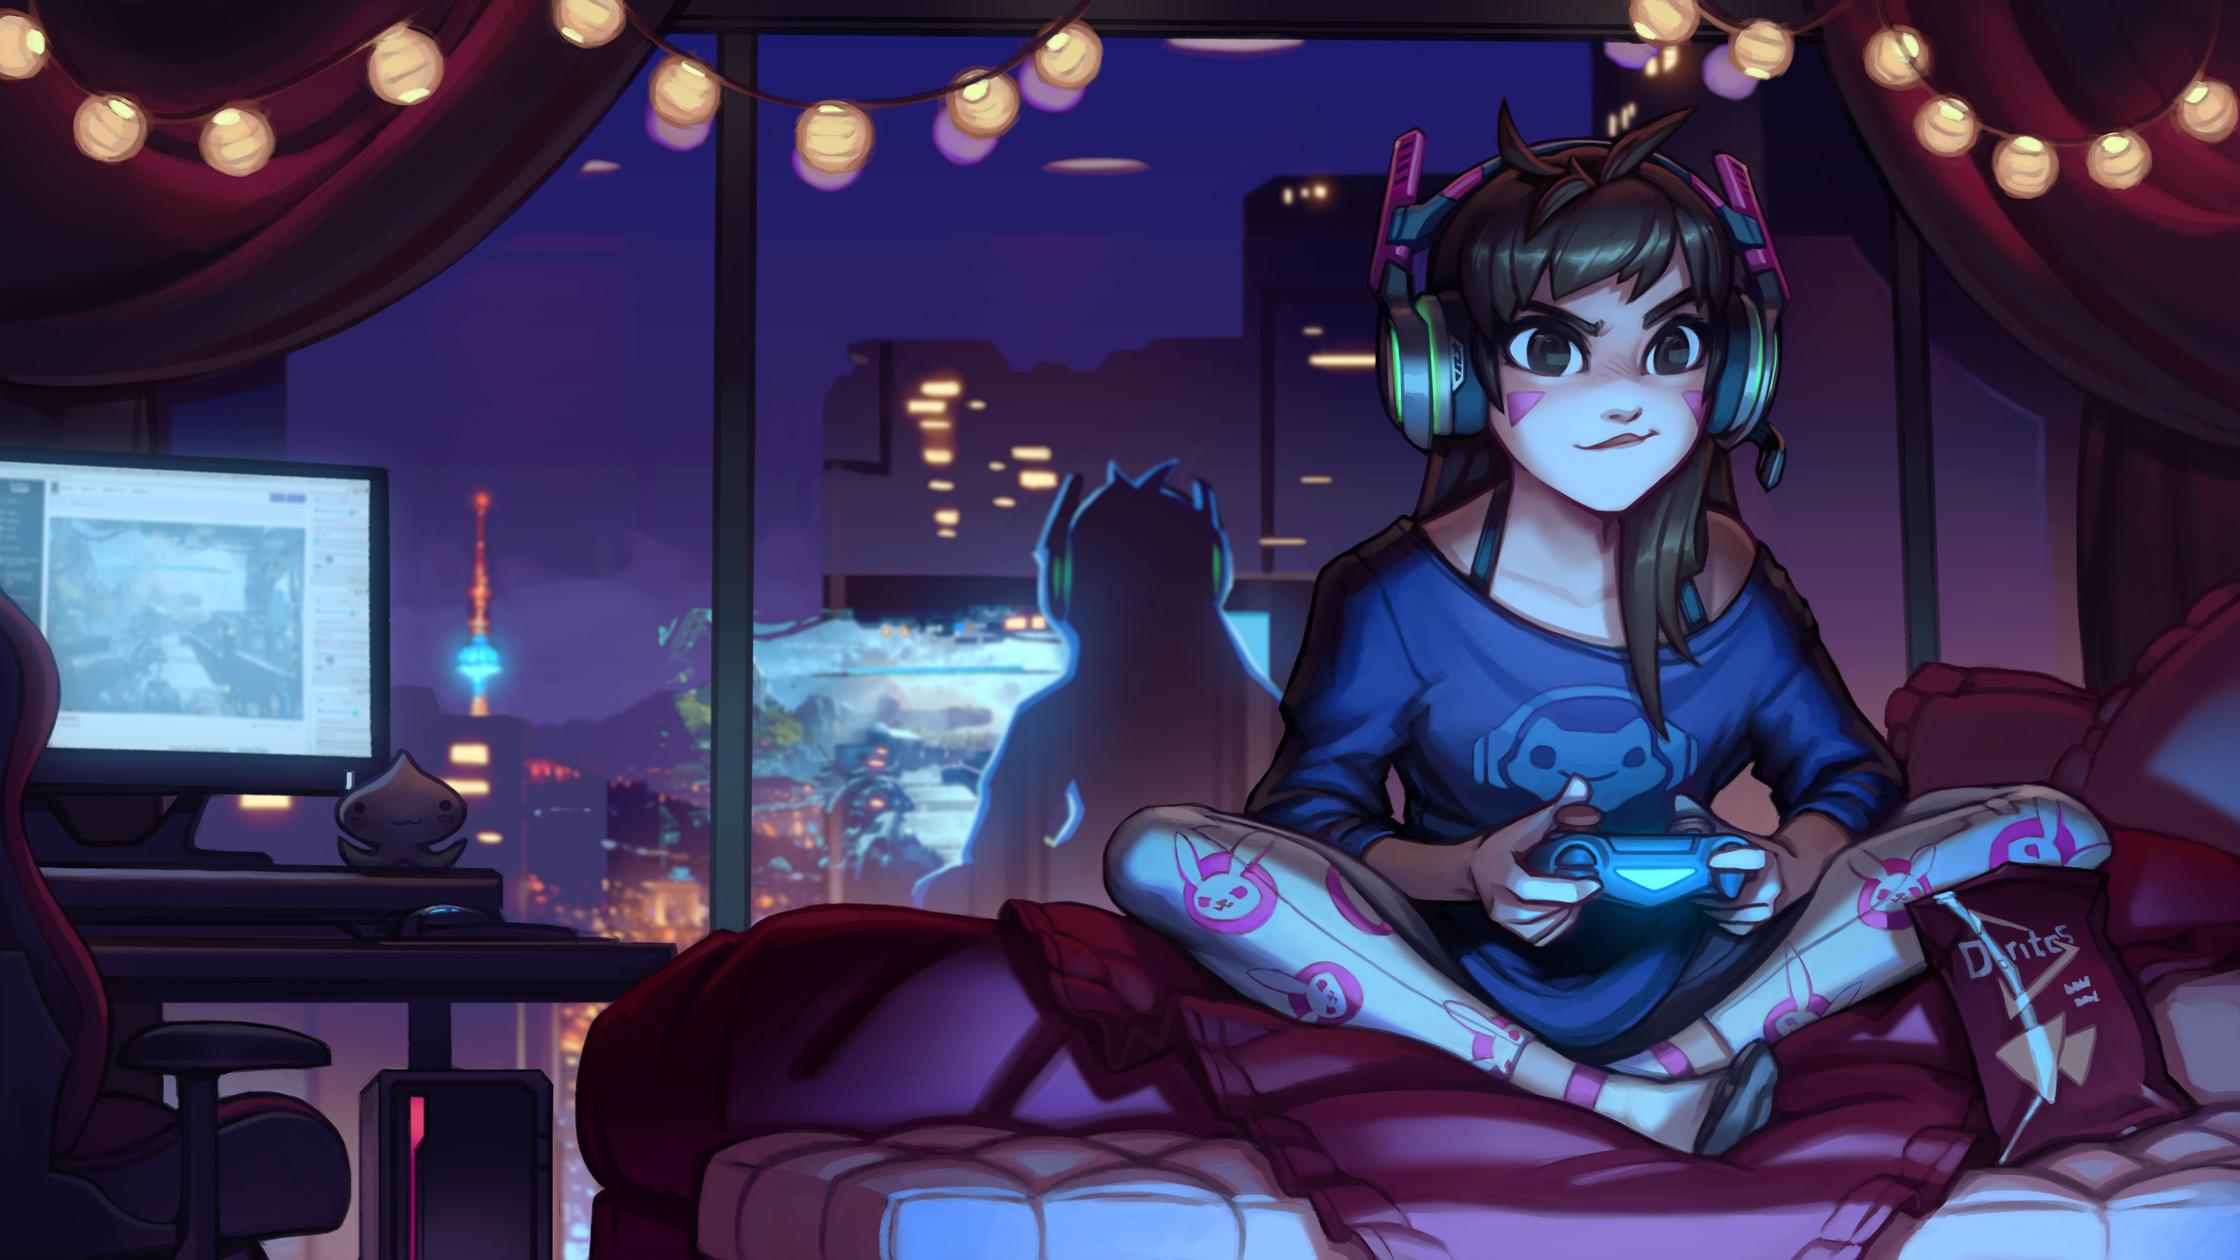 Cute Girl Hd Wallpaper Indian Dva Overwatch Cute Artwork Hd Games 4k Wallpapers